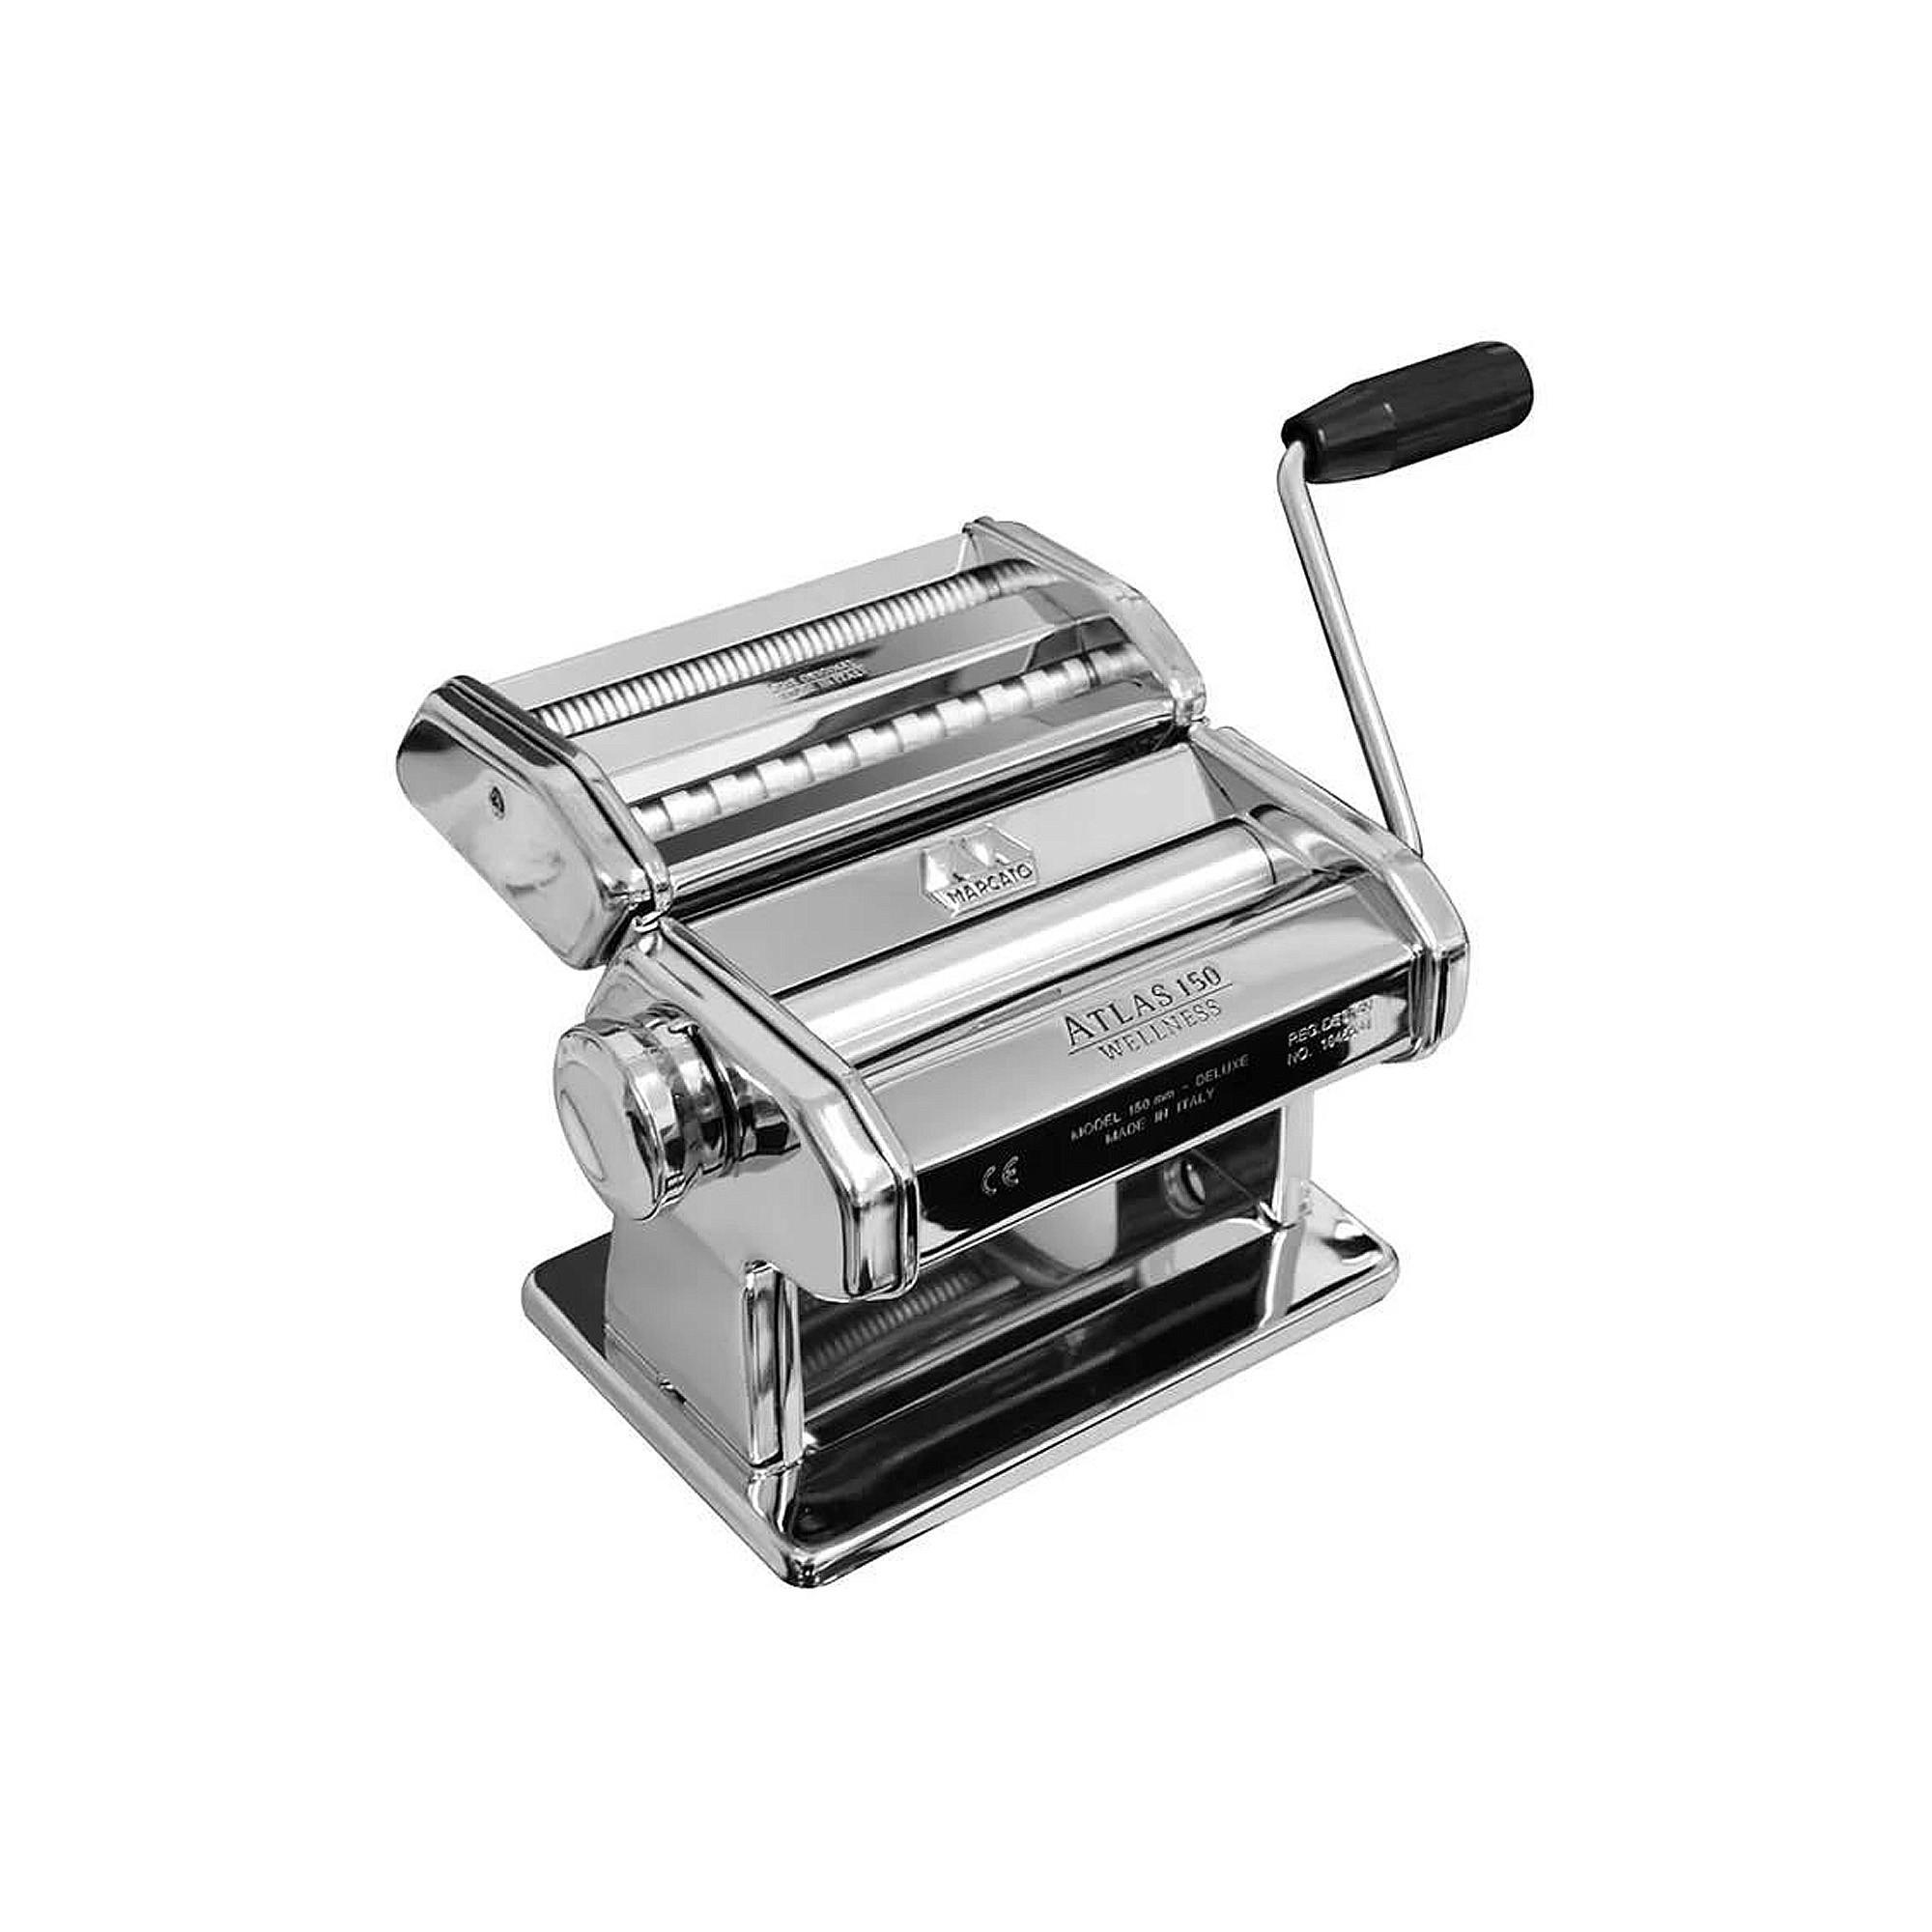 Kit Máquina para Macarrão e Massas Atlas150 e Acessório PastaBike  - Sua Casa Gourmet e Cia